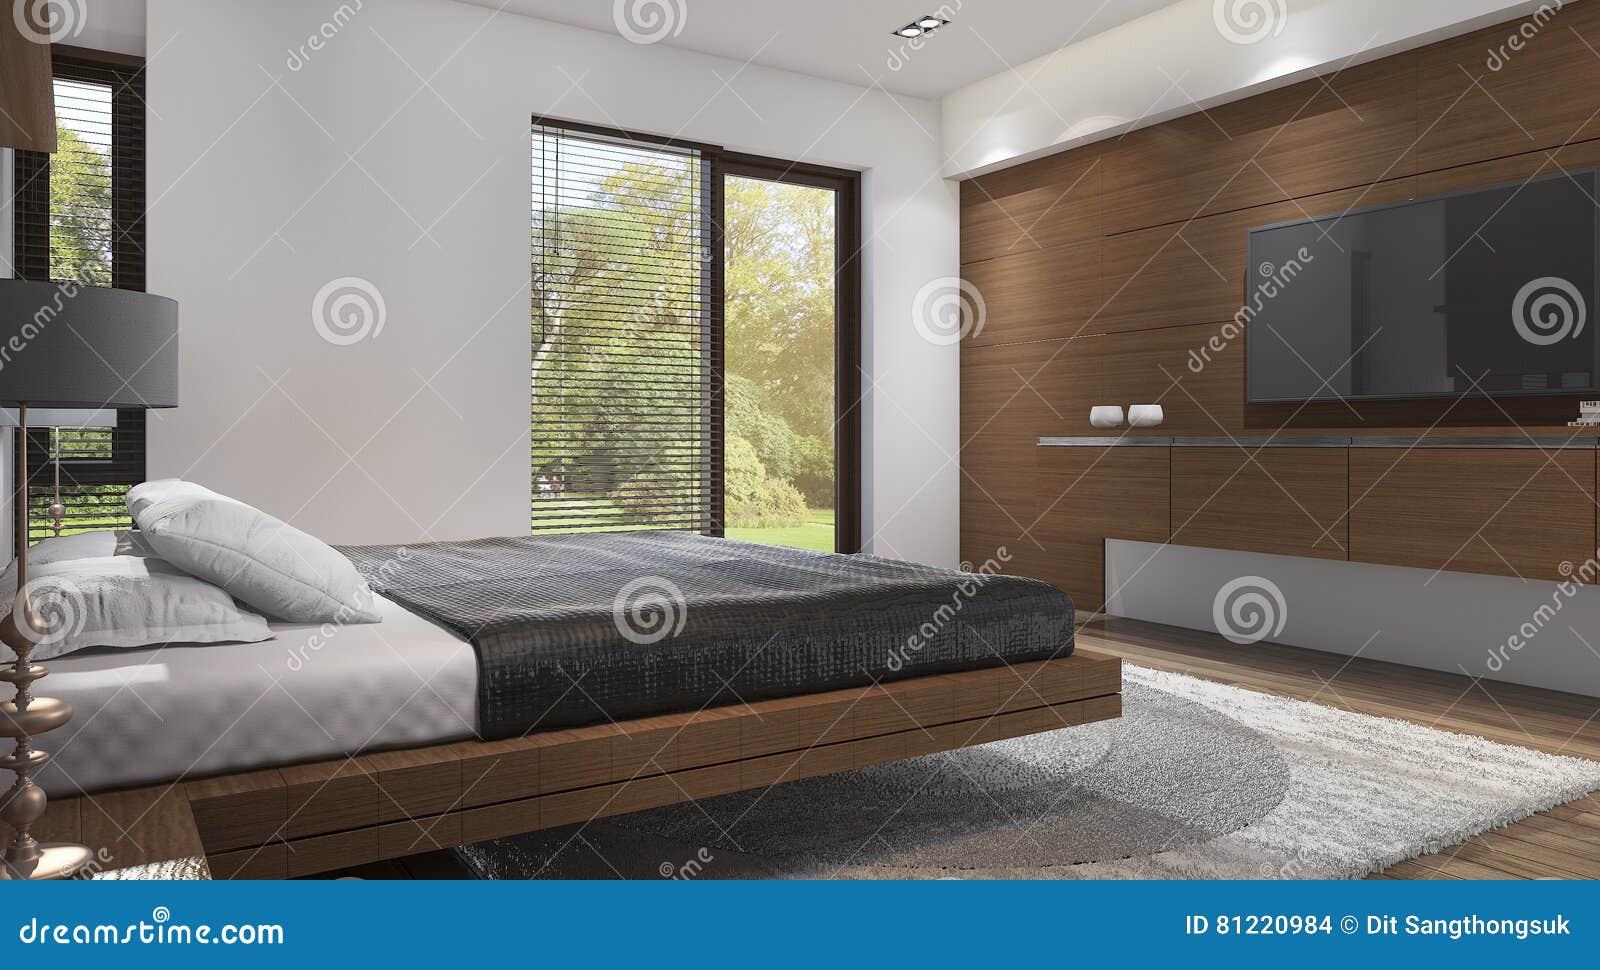 Camera Da Letto Legno Moderna : Camera da letto moderna di legno di stile della rappresentazione 3d